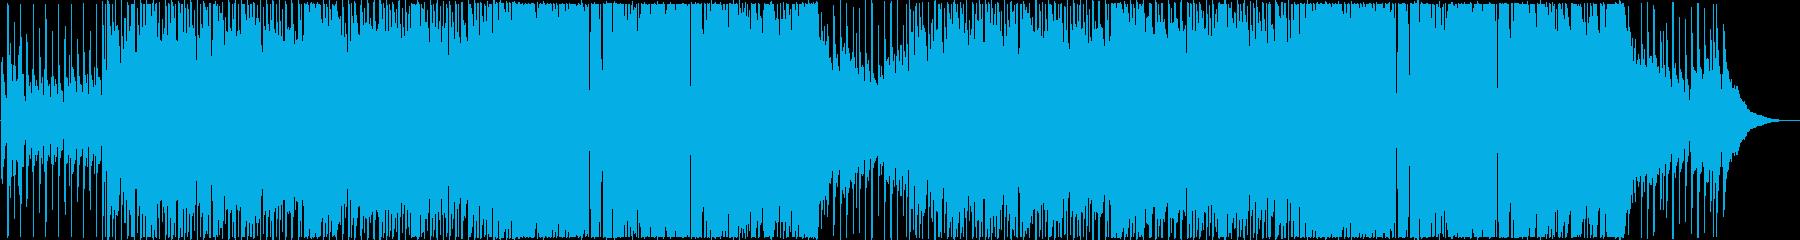 爽やかで感動的!生演奏アコギの洋楽ポップの再生済みの波形